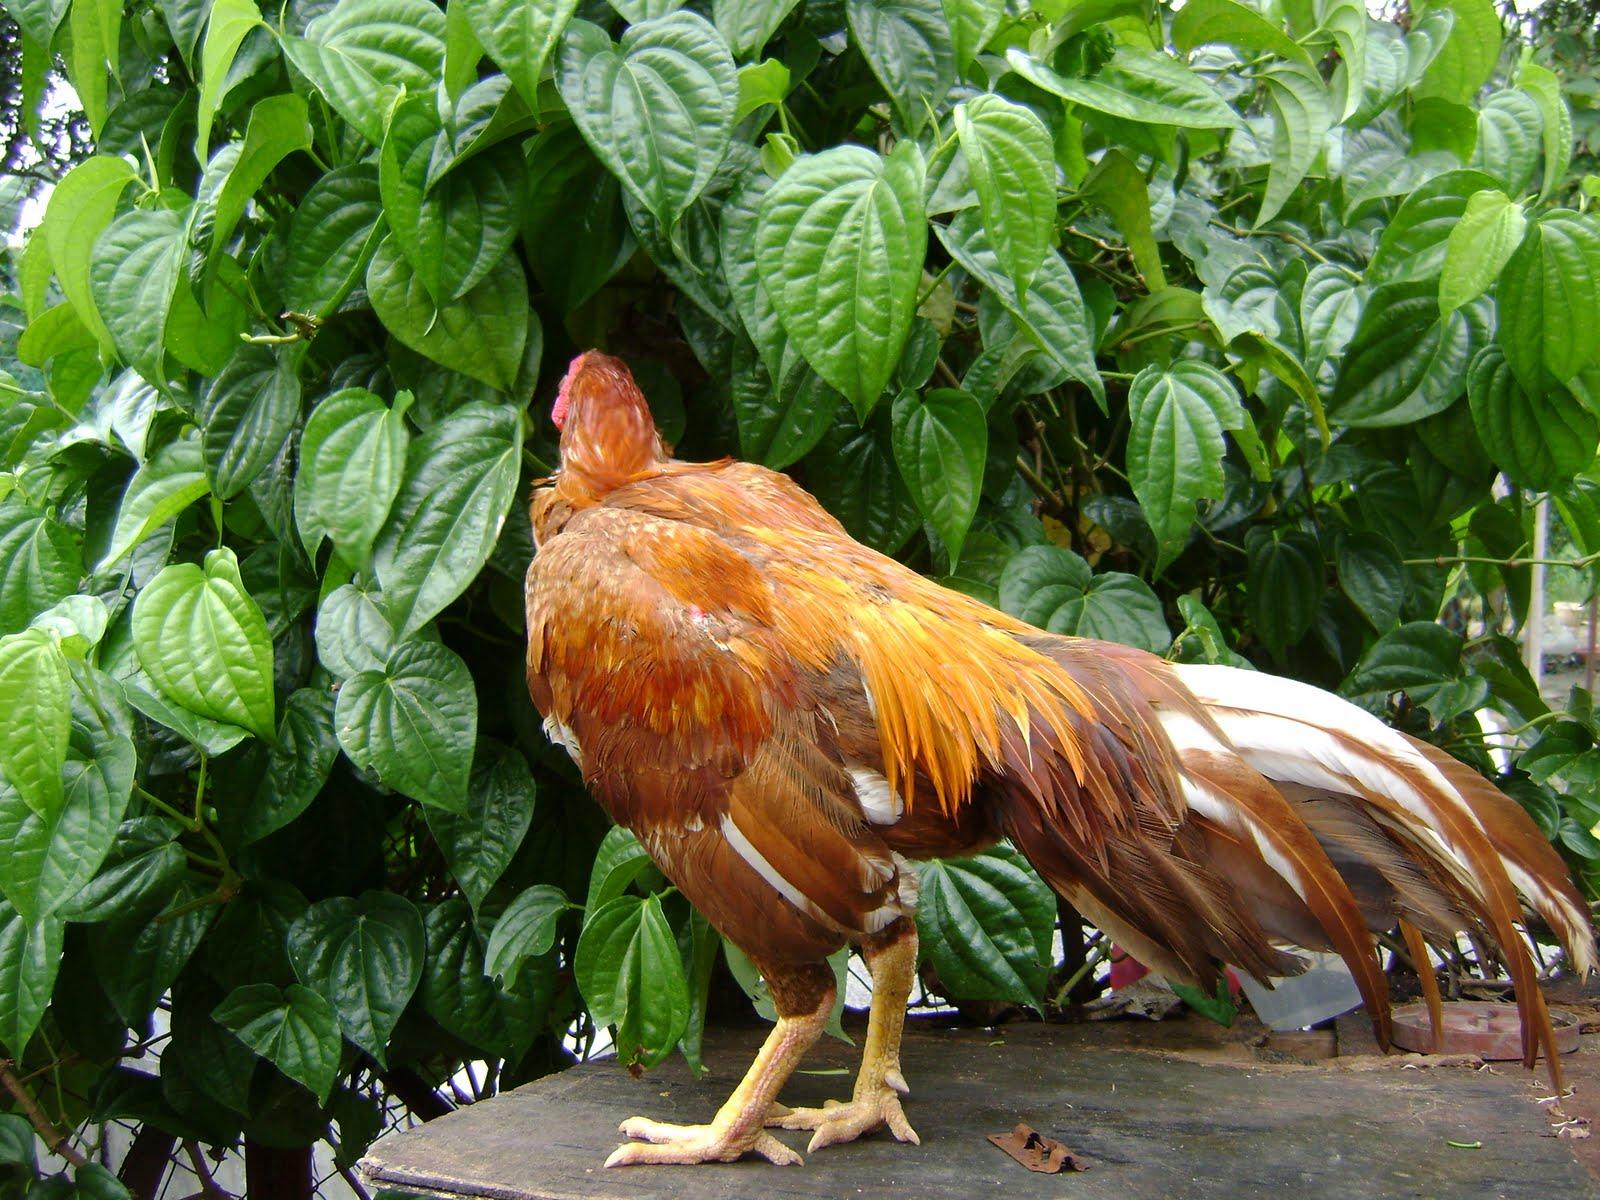 foto hewan - download gambar ayam